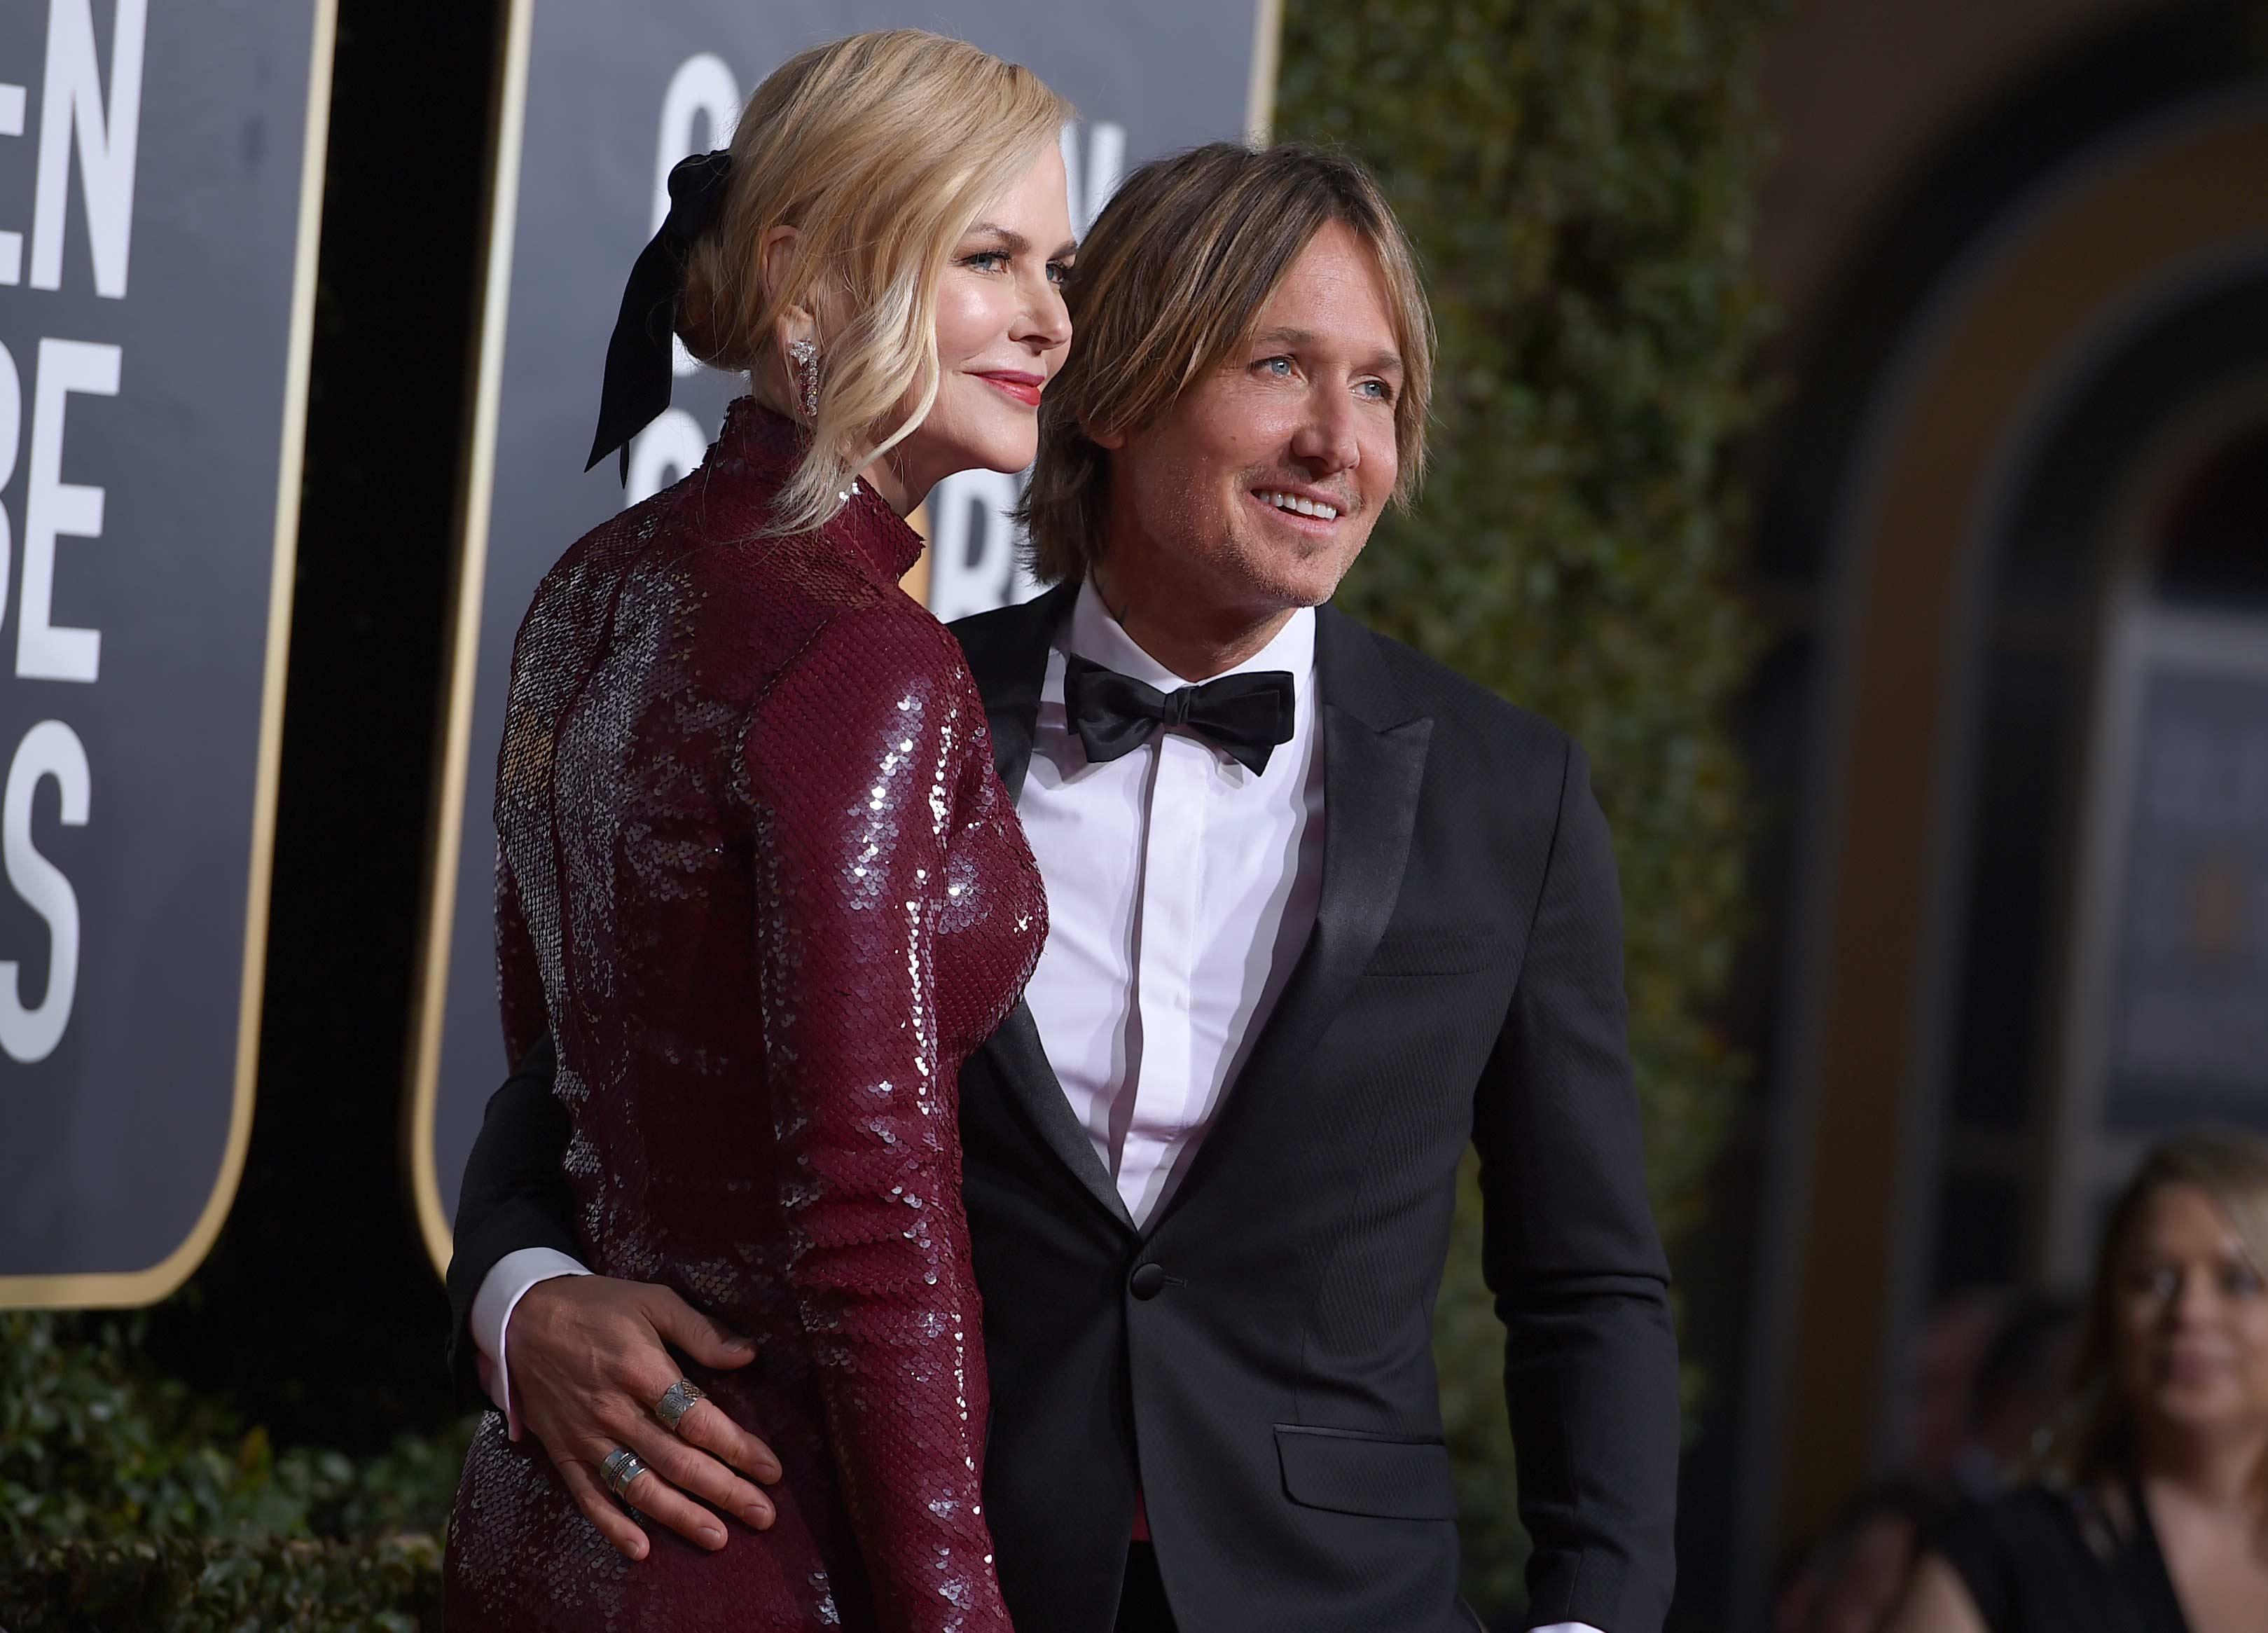 La actriz Nicole Kidman abraza a su esposo el músico Keith Urban al llegar a la alfombra roja de los Golden Globe. (Foto: AP)